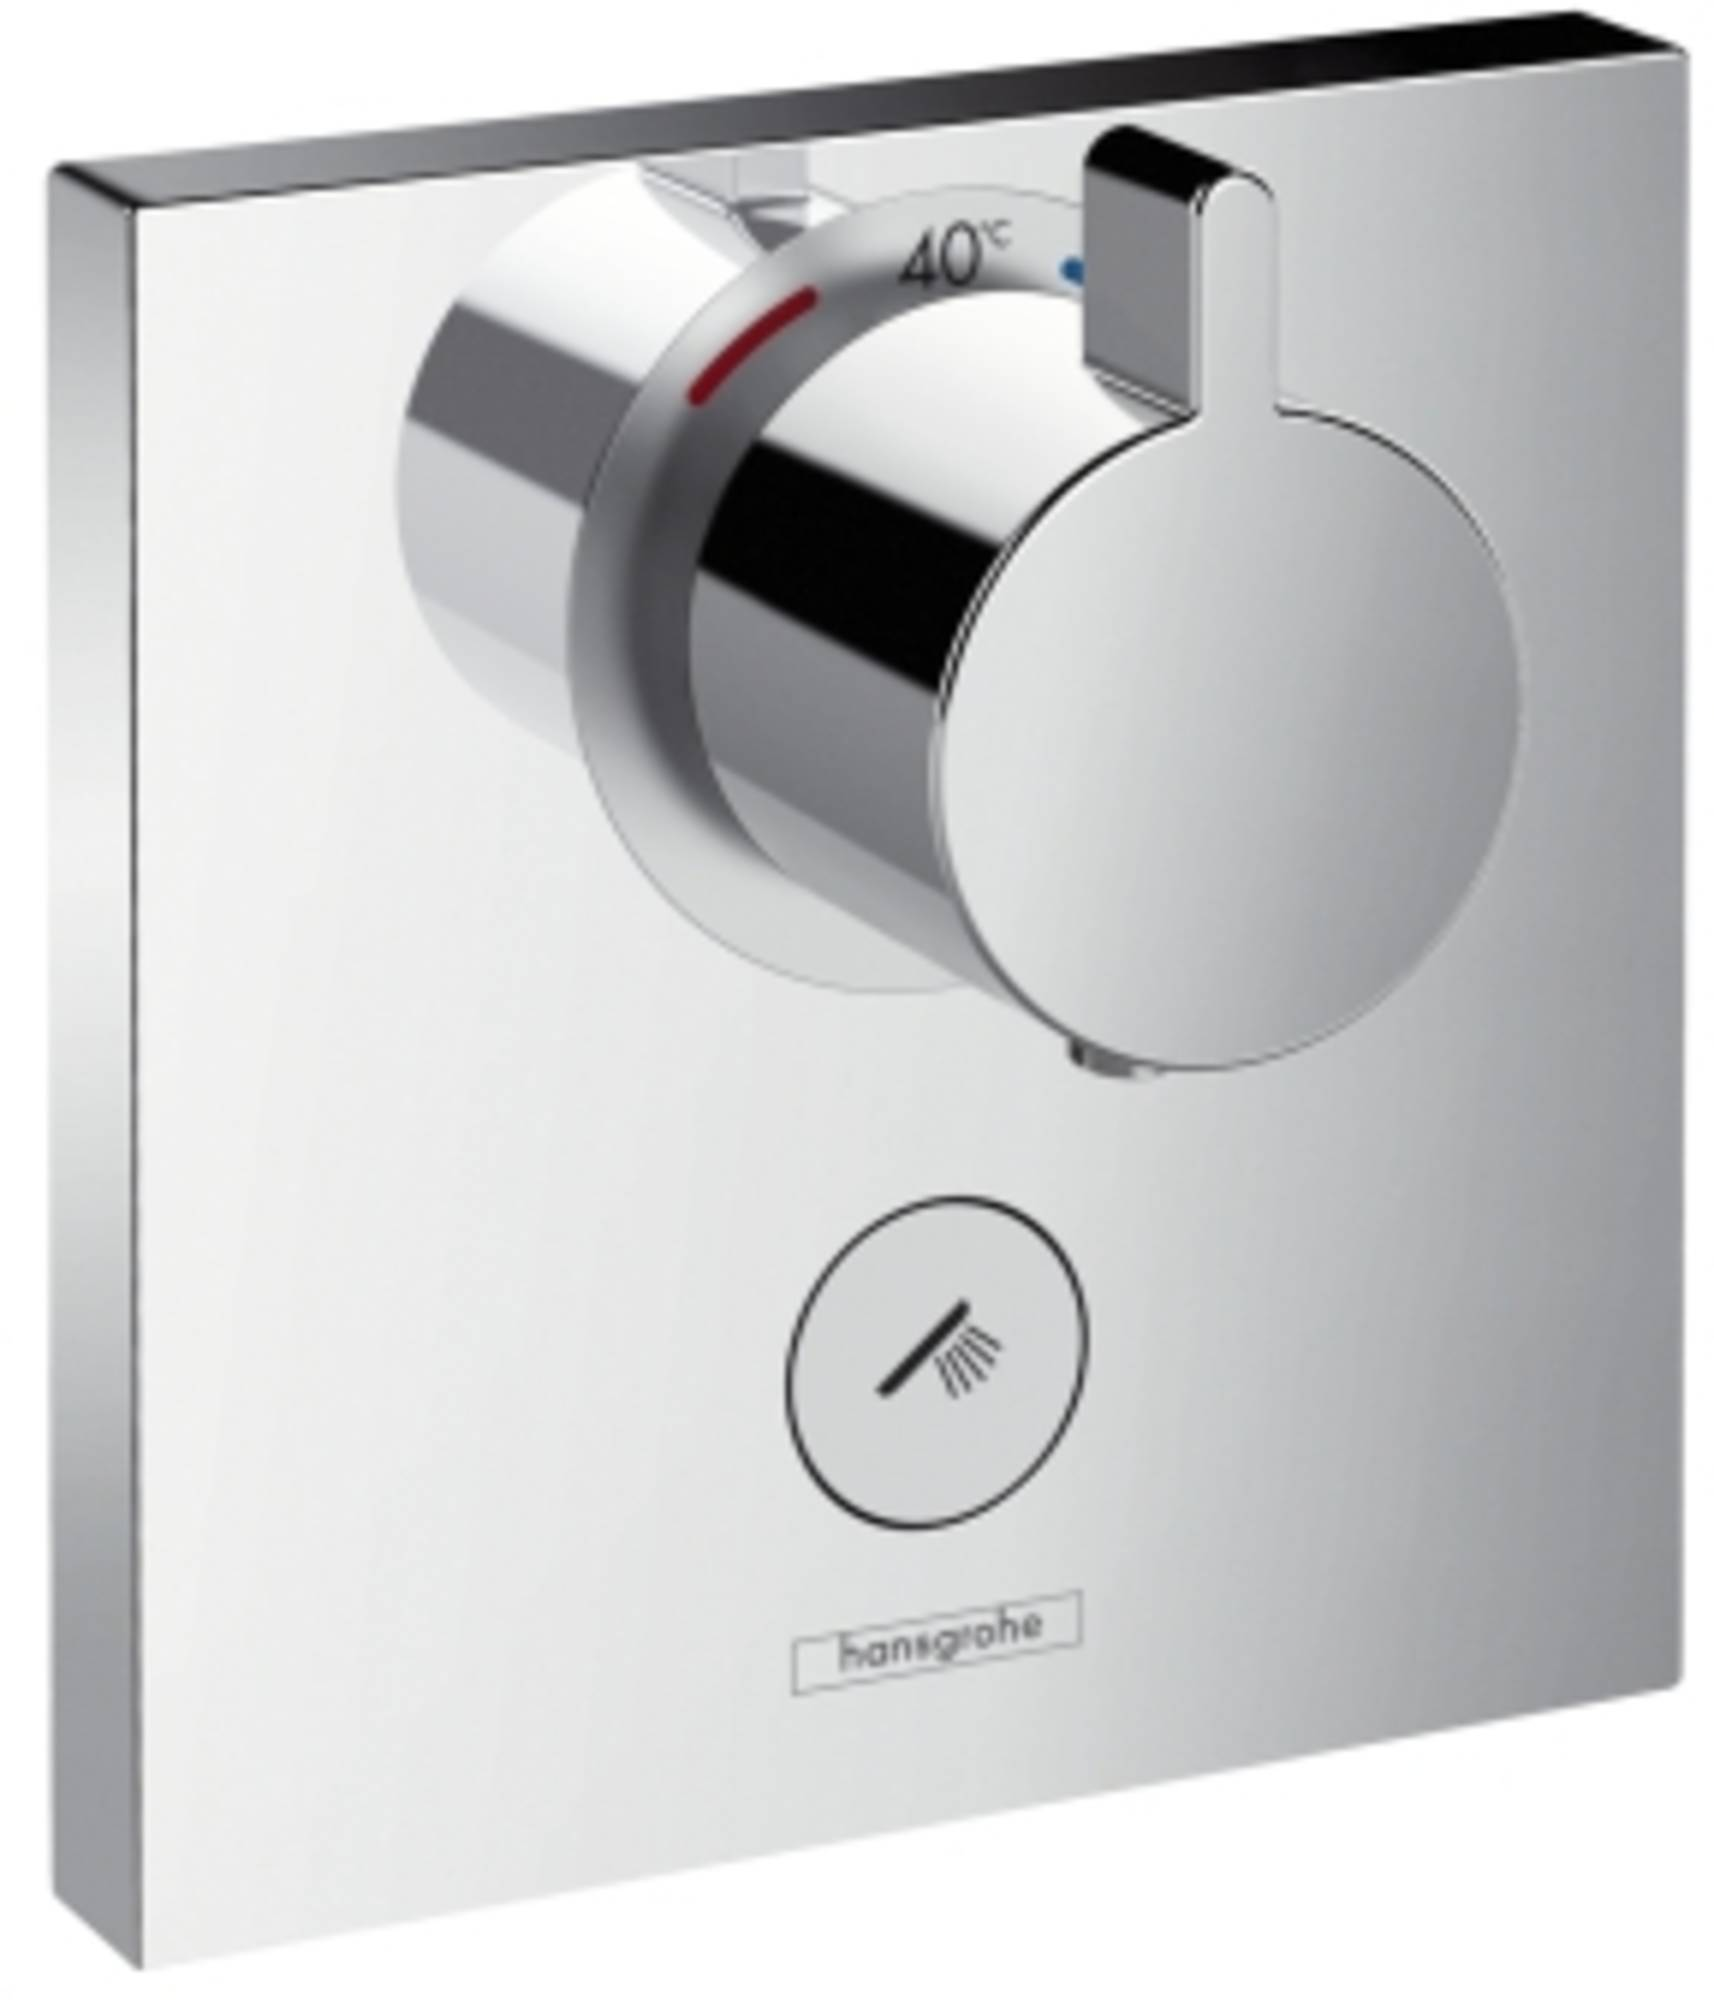 Hansgrohe ShowerSelect afbouwdeel inbouwdeel ibox bad-douchethermostaat chroom 15761000